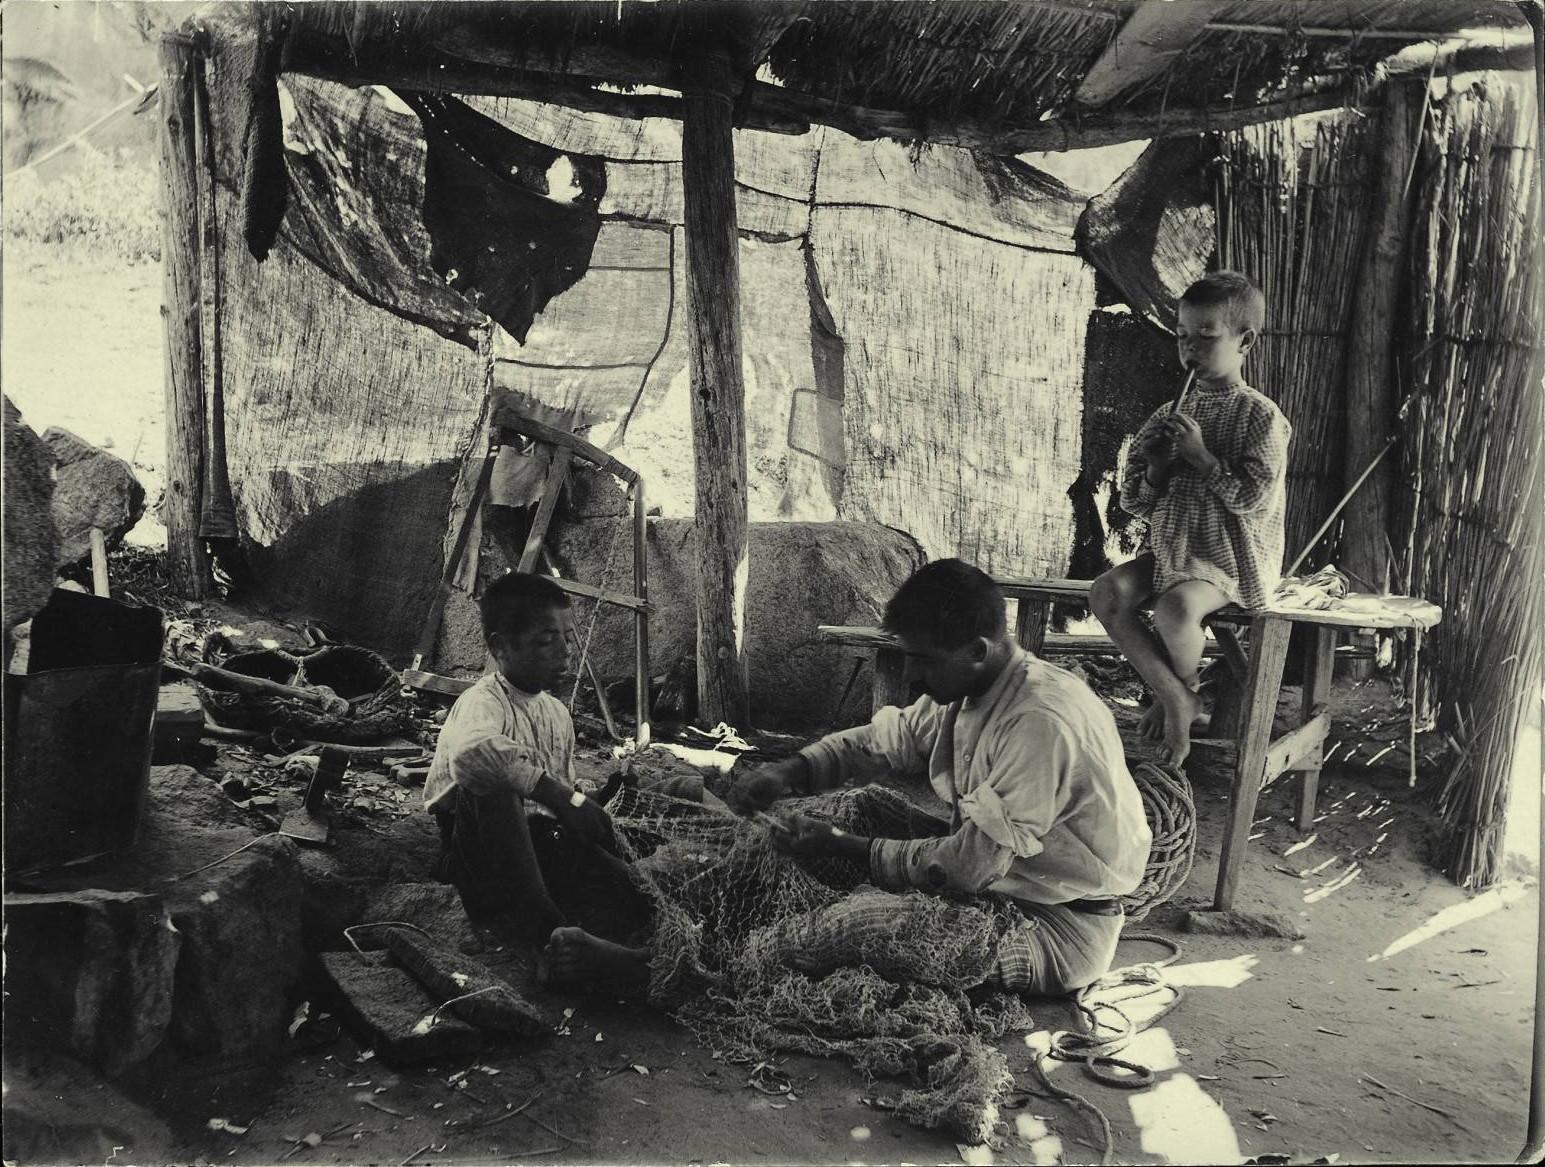 o.-Escena de trabajo en una cabaña de pescadores